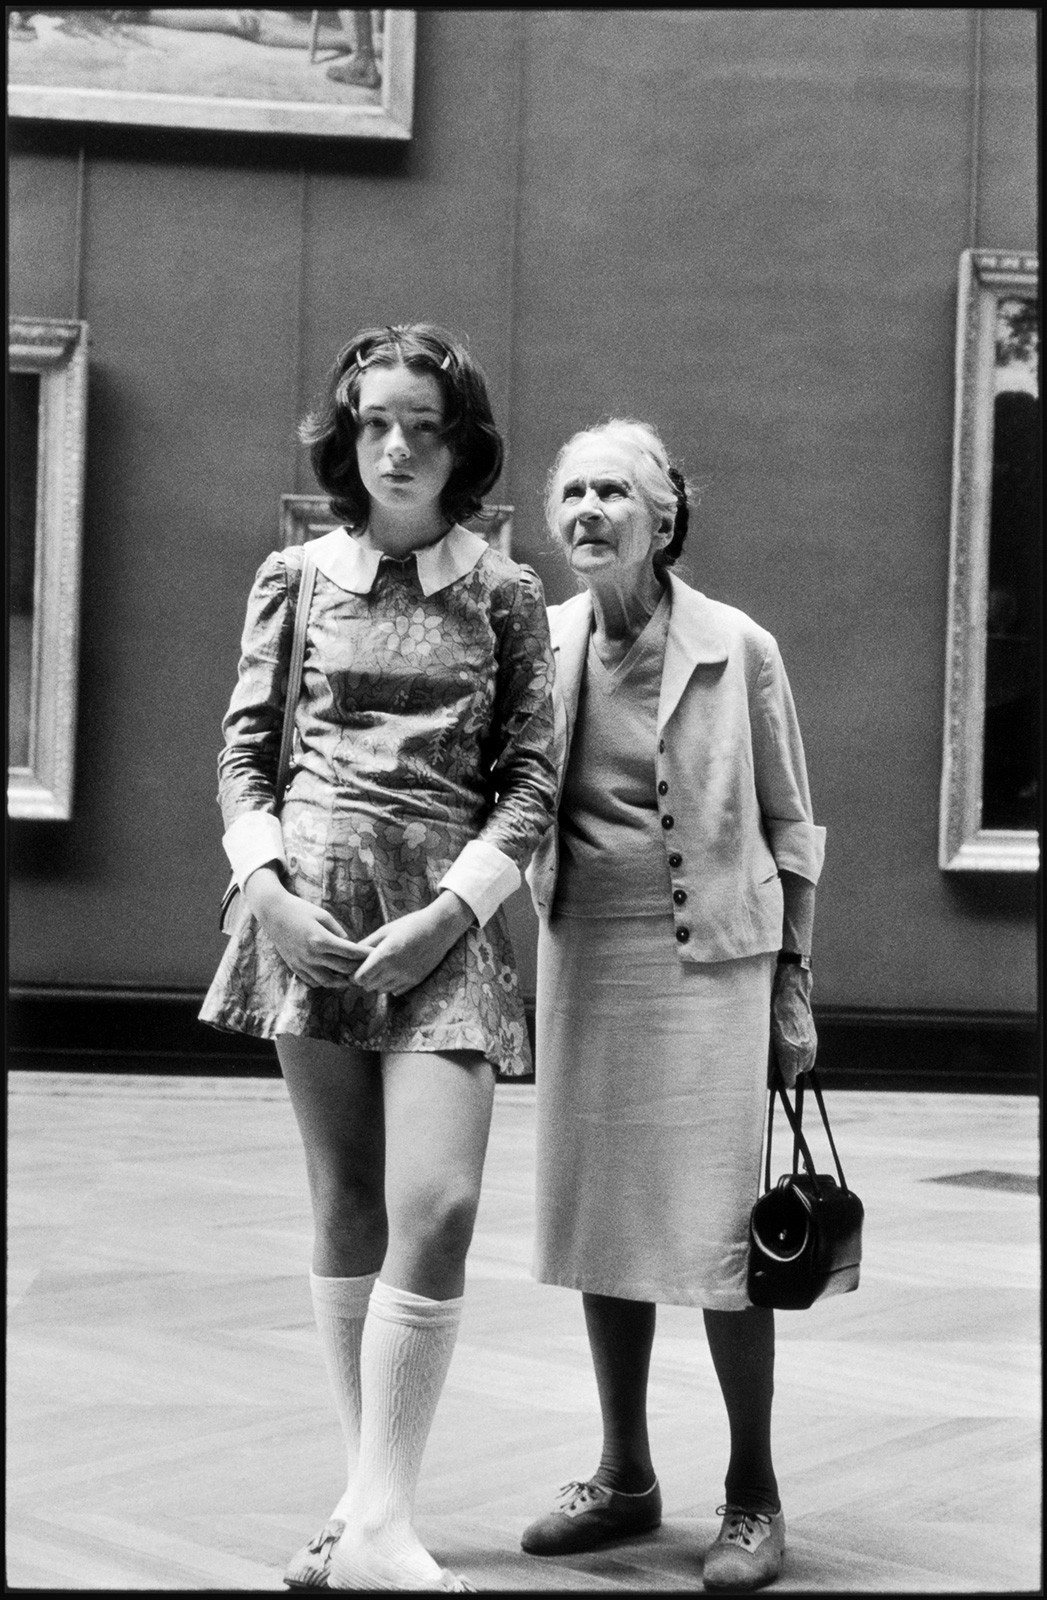 Лувр, Париж, 1969. Фотограф Алесио де Андраде